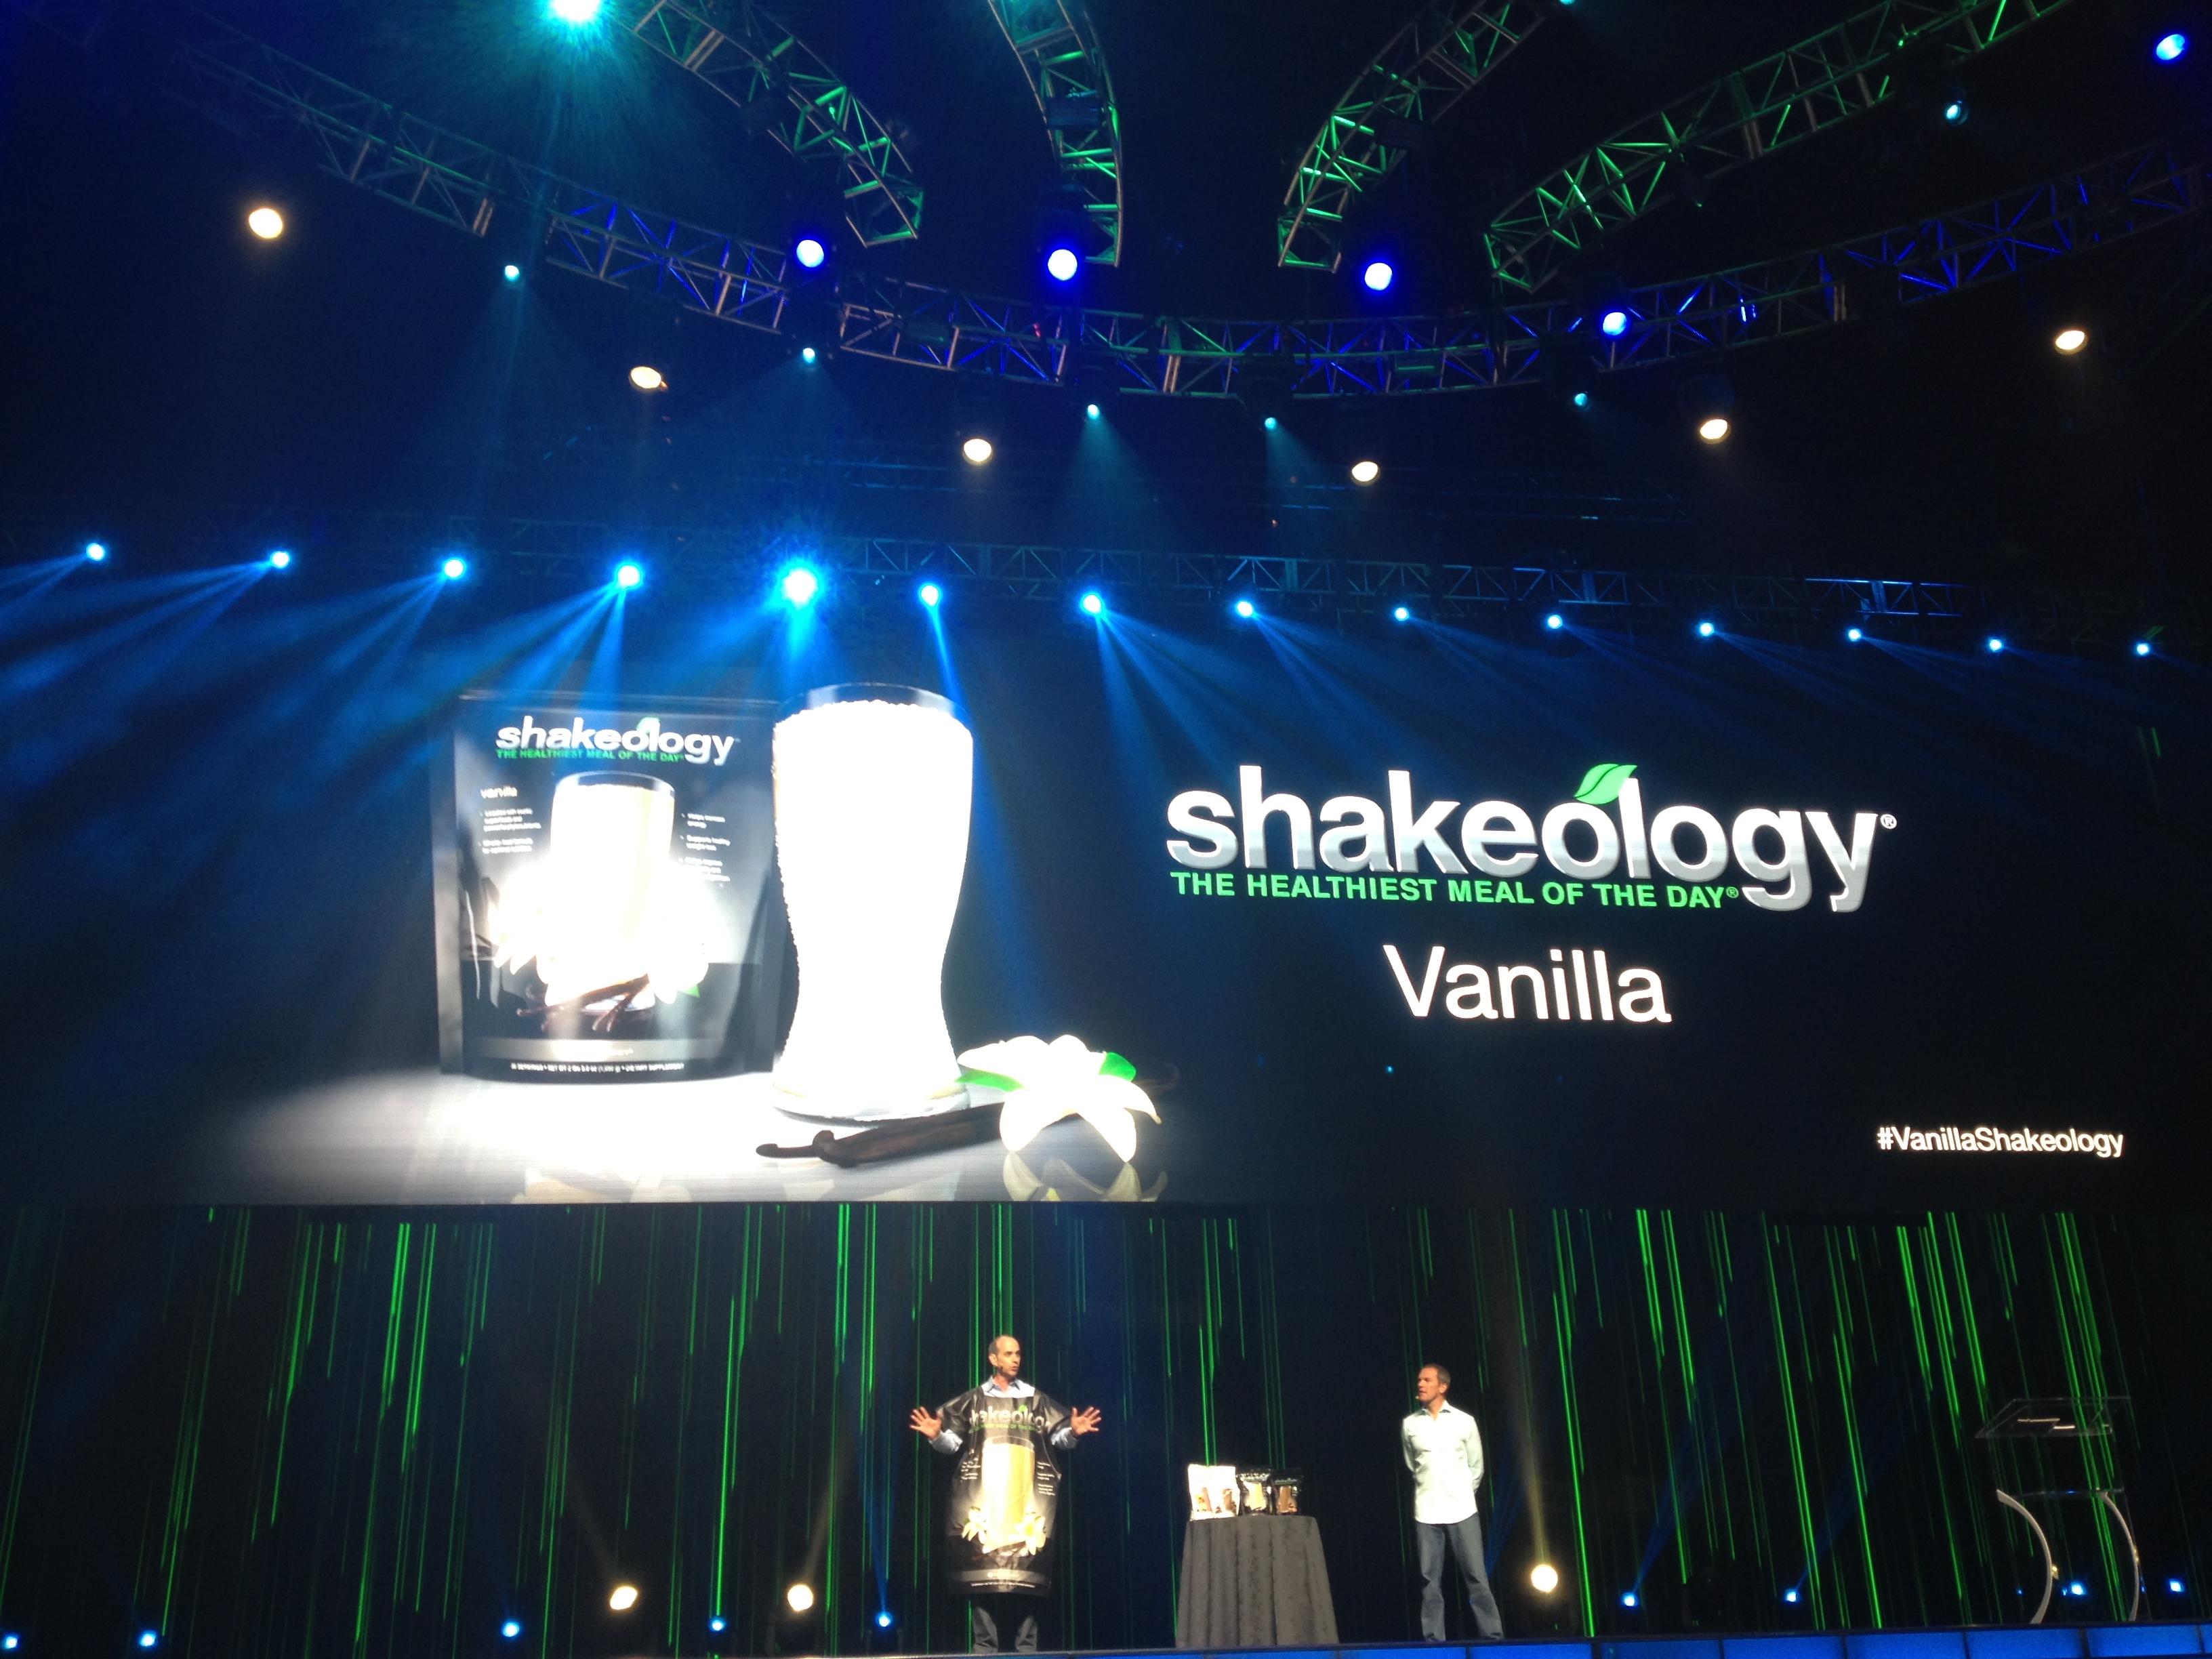 vanilla_shakeology_video